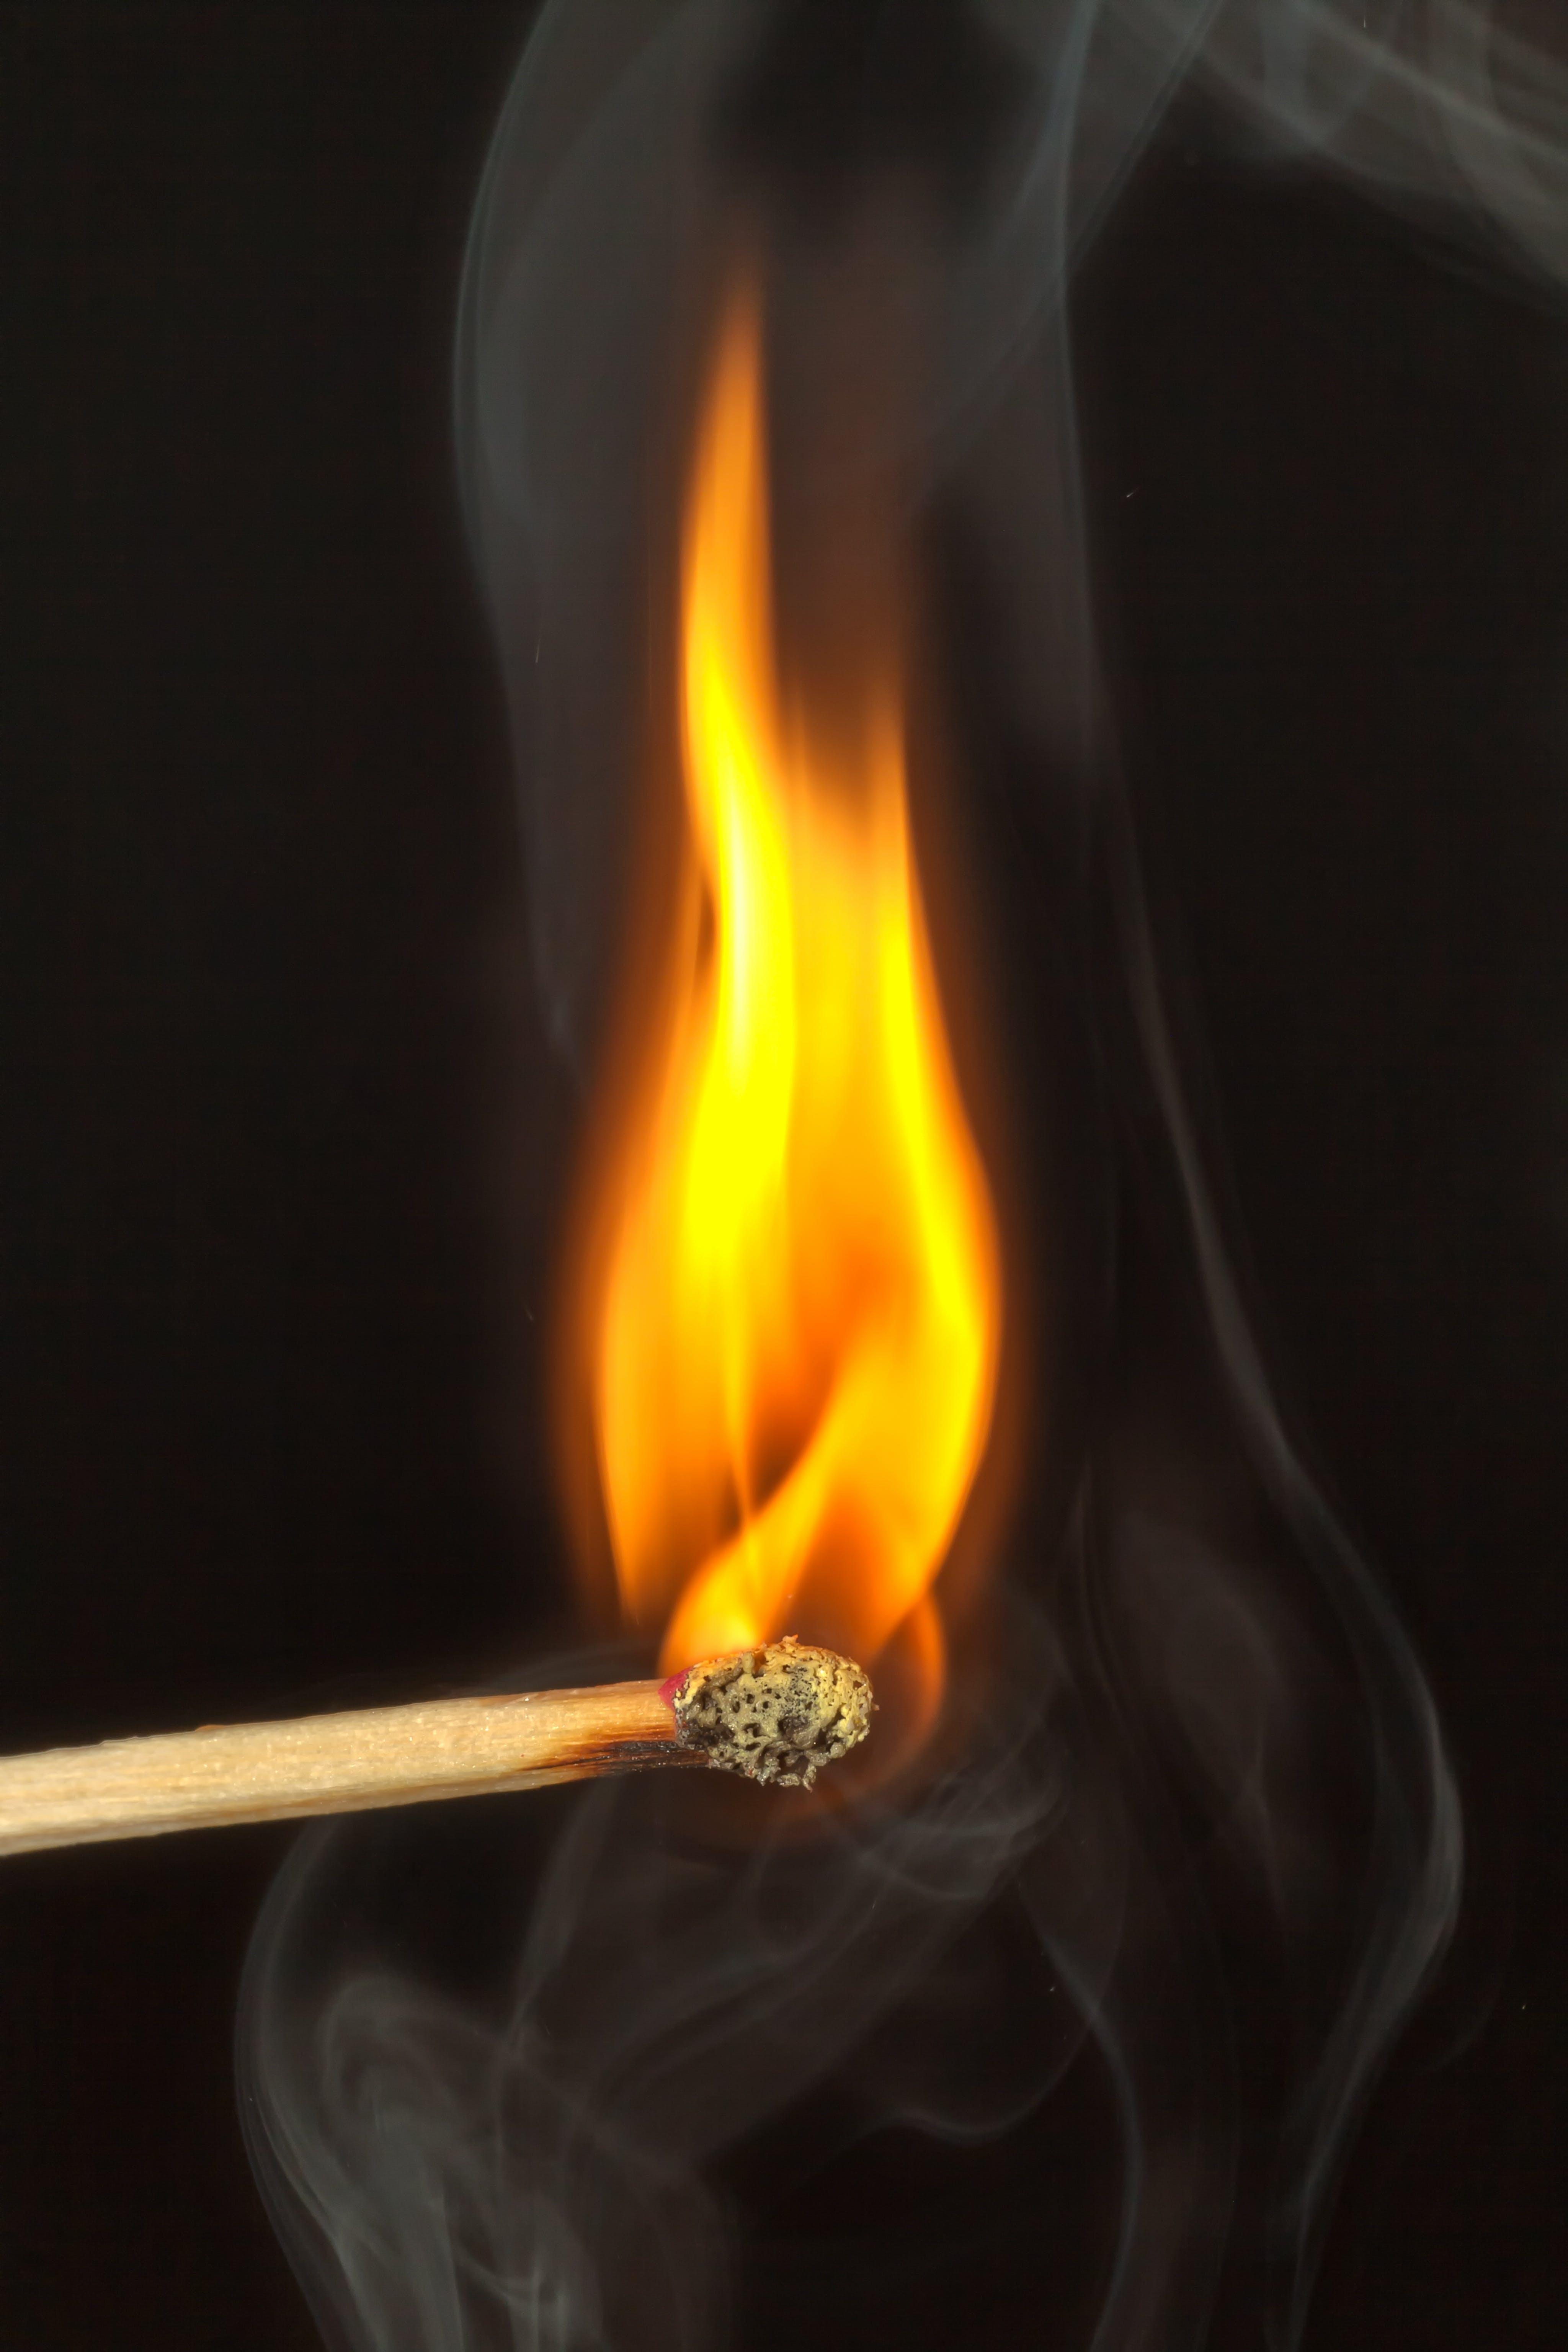 Kostenloses Stock Foto zu feuer, flamme, hitze, nahansicht